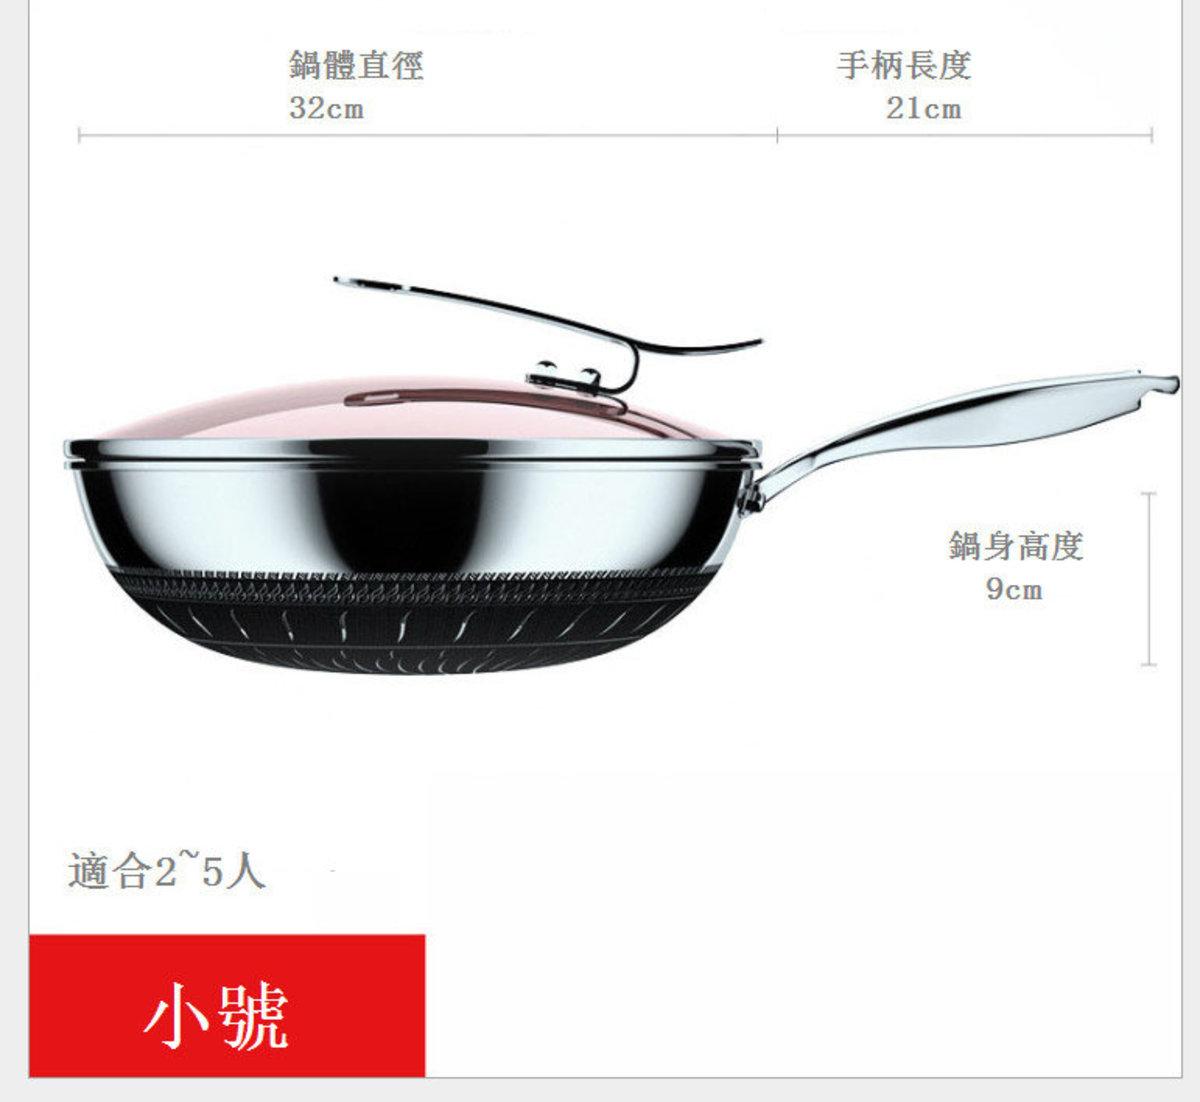 不銹鋼電磁爐煎鍋少油煙蜂窩(32cm炒鍋)